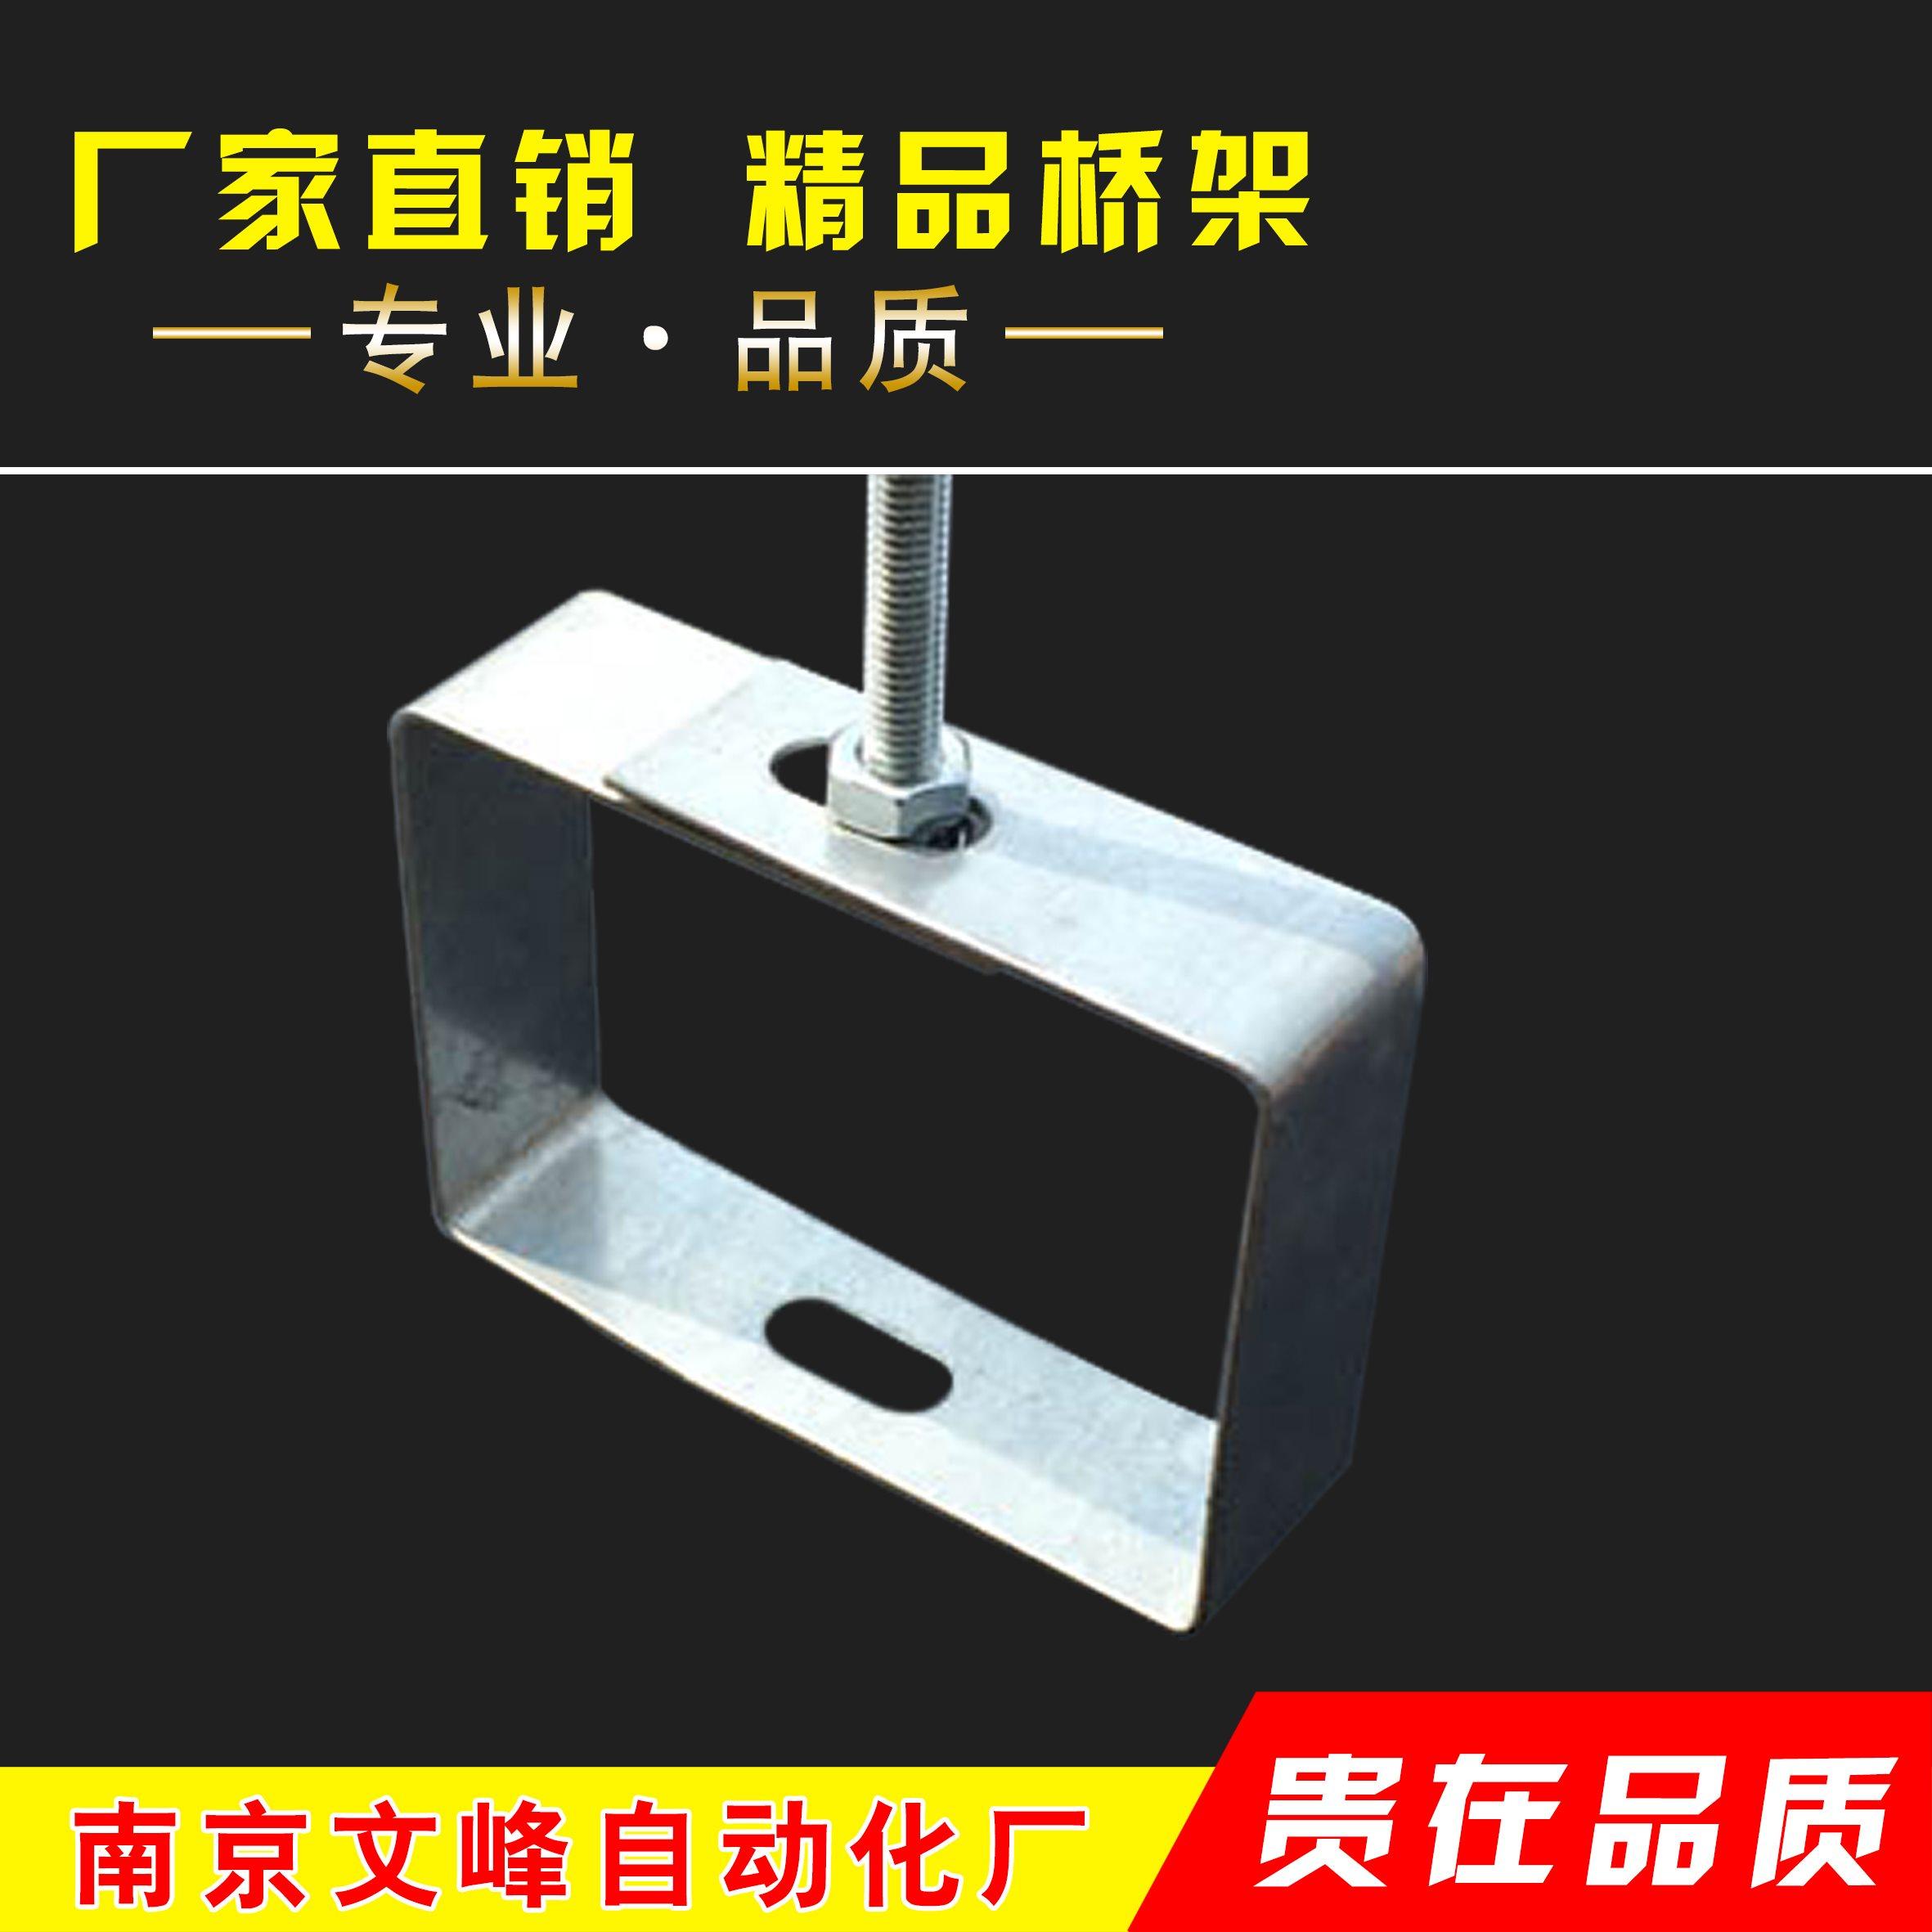 吊框/电缆桥架配件/电线槽安装附件/槽箍/吊卡/支架100*50